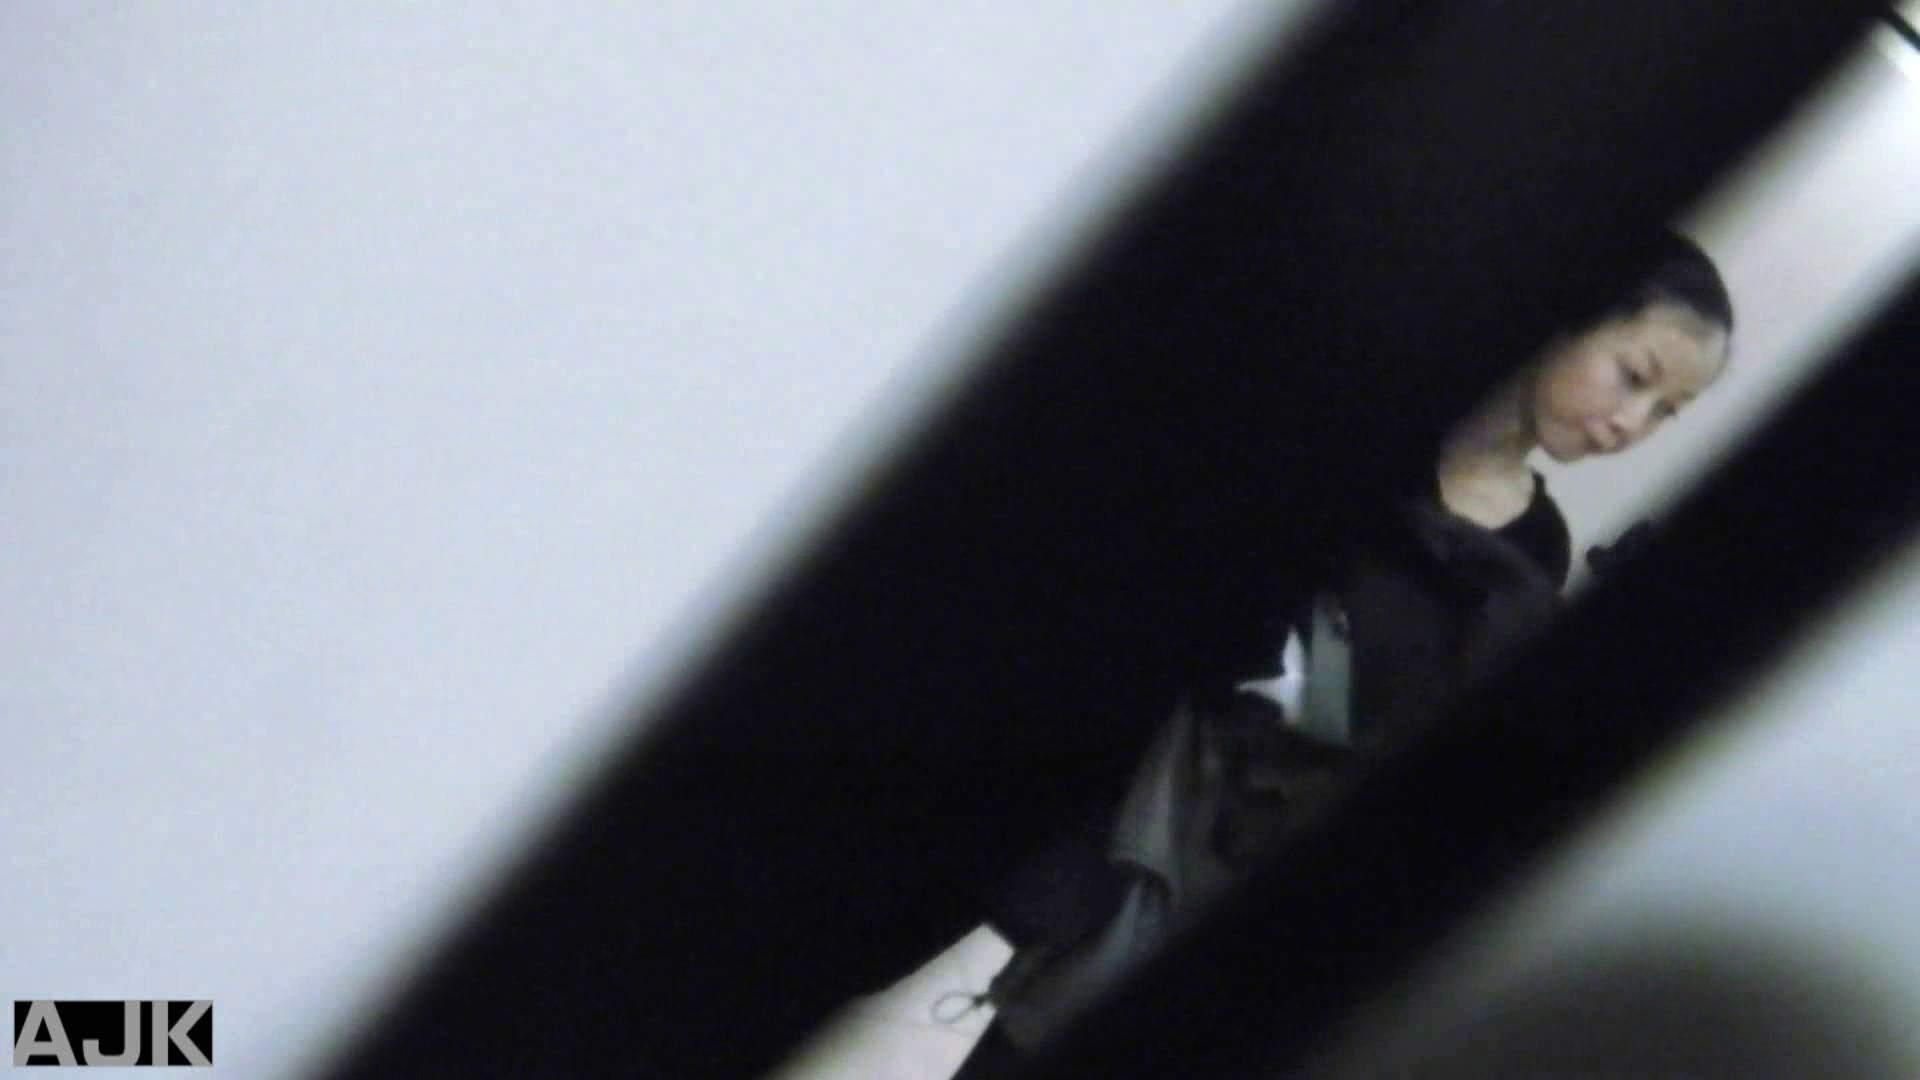 隣国上階級エリアの令嬢たちが集うデパートお手洗い Vol.30 盗撮で悶絶 オマンコ無修正動画無料 92画像 47